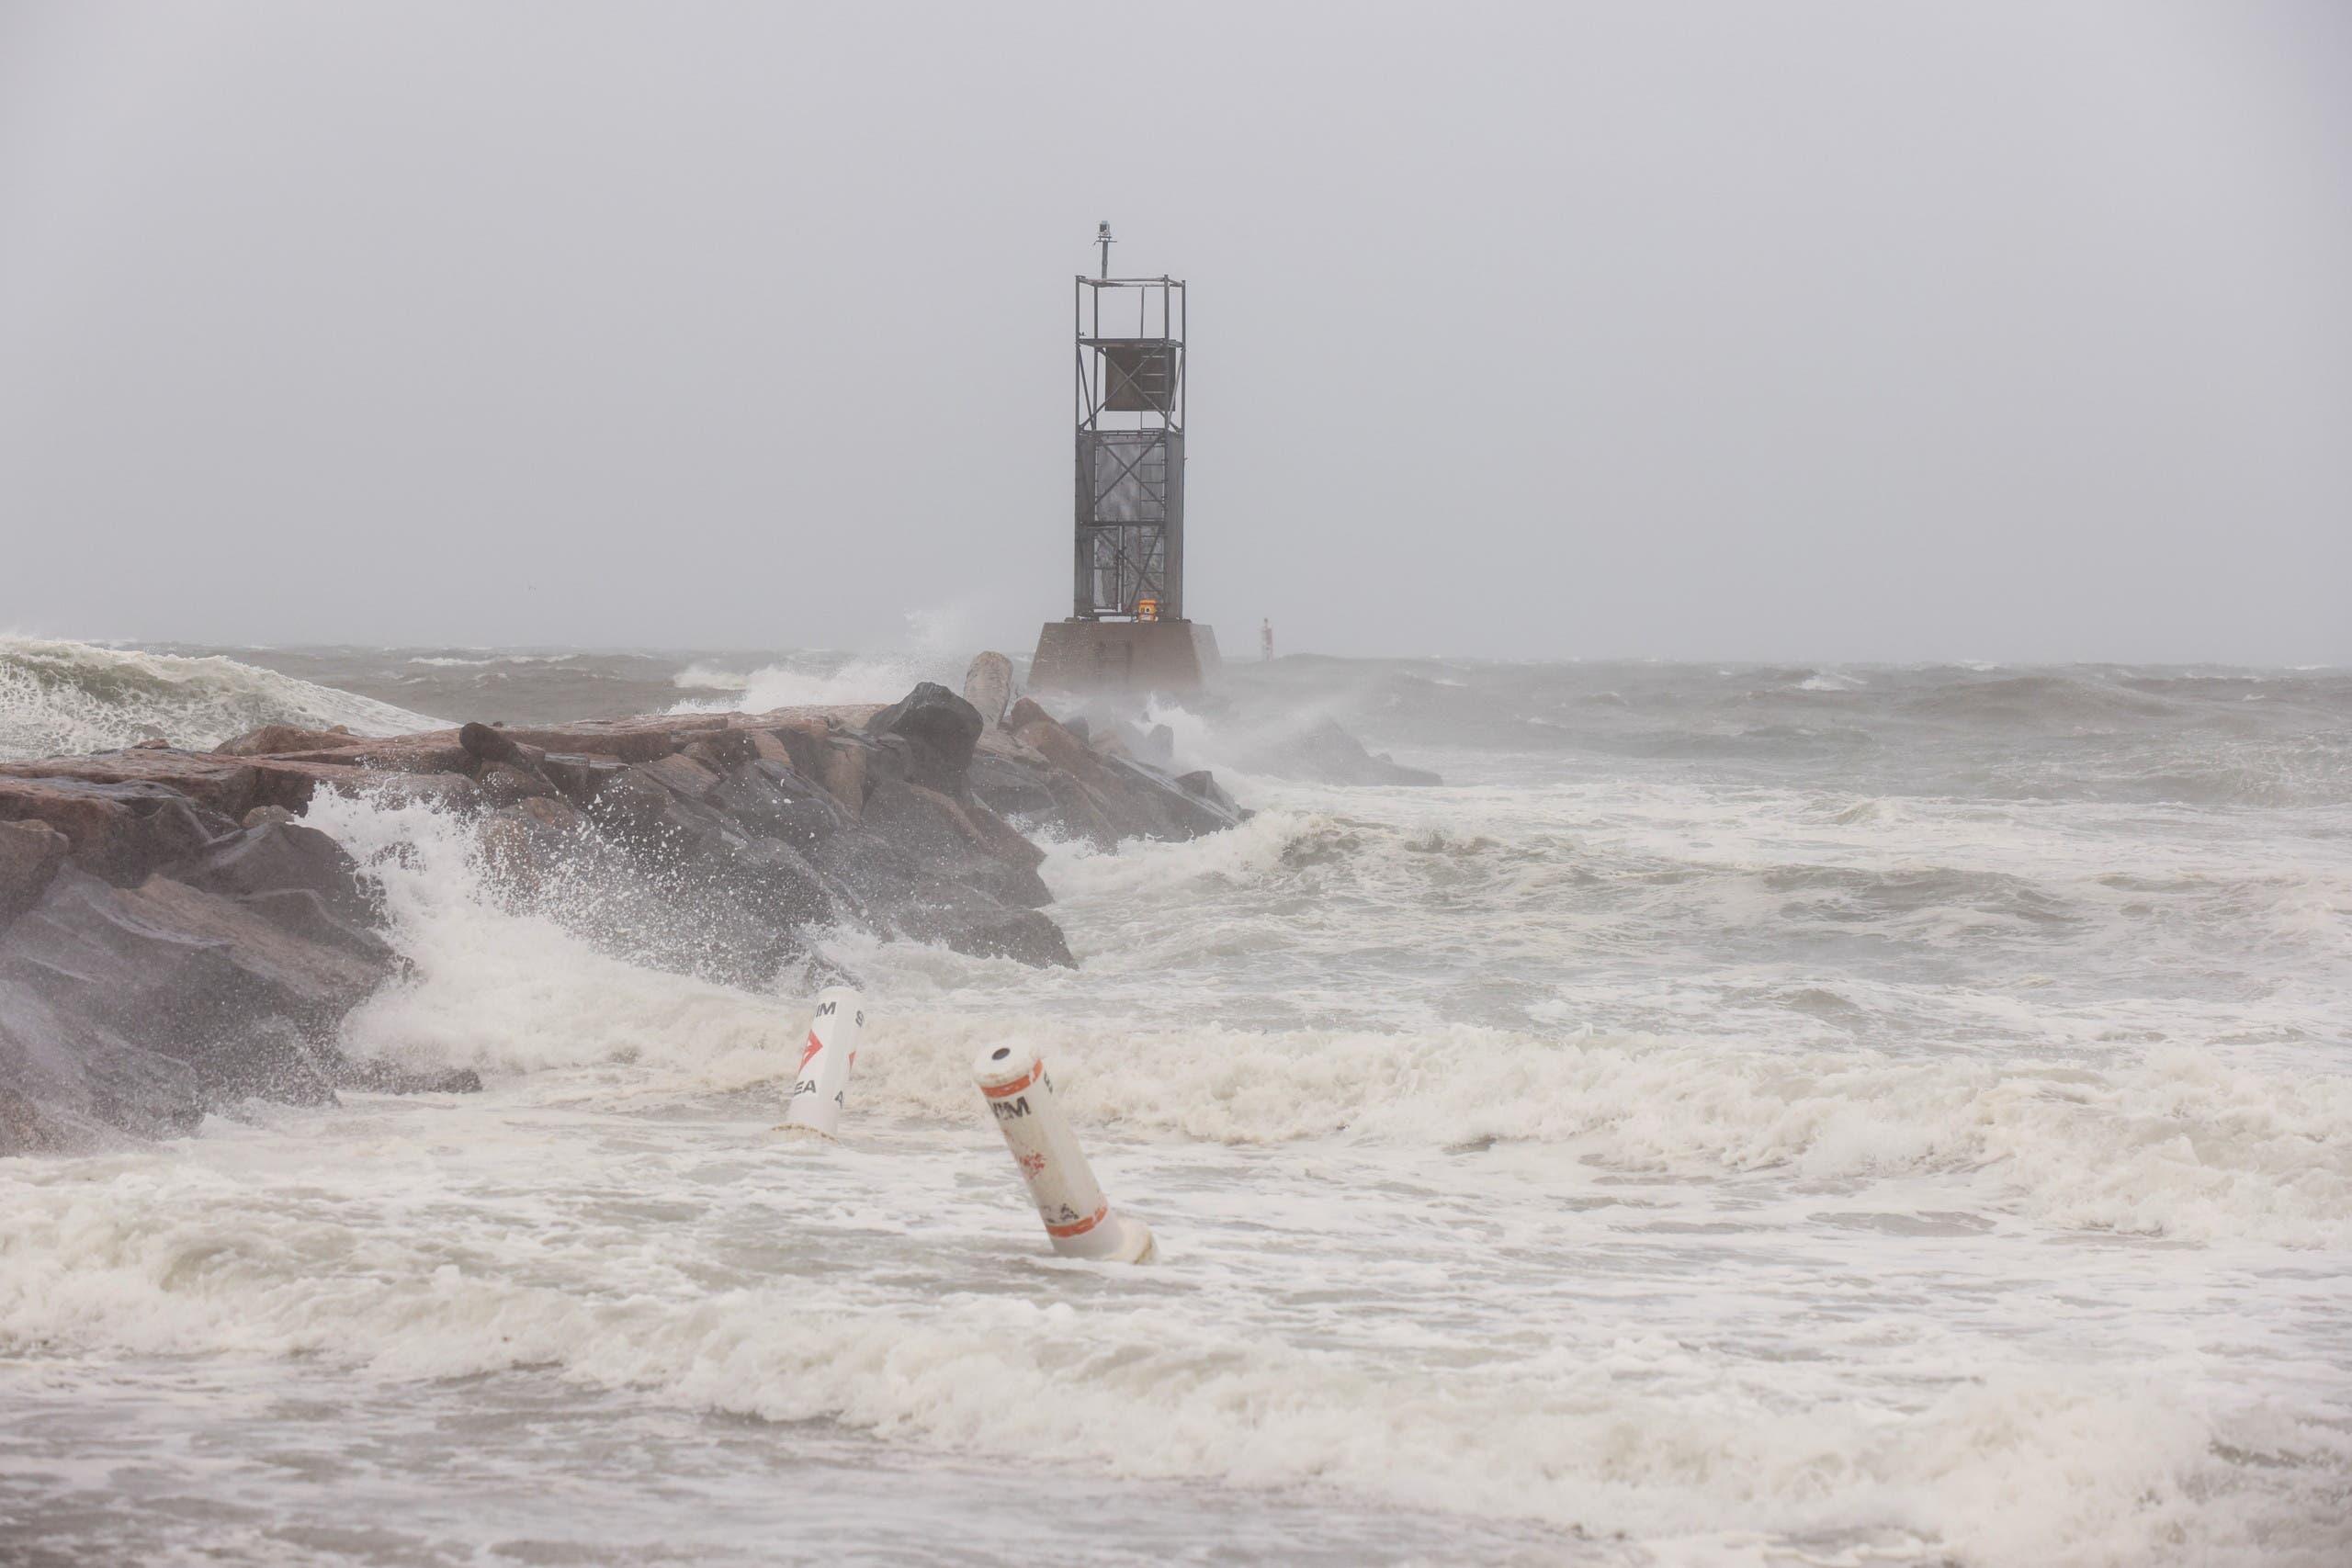 العاصفة تضرب سواحل نيويورك